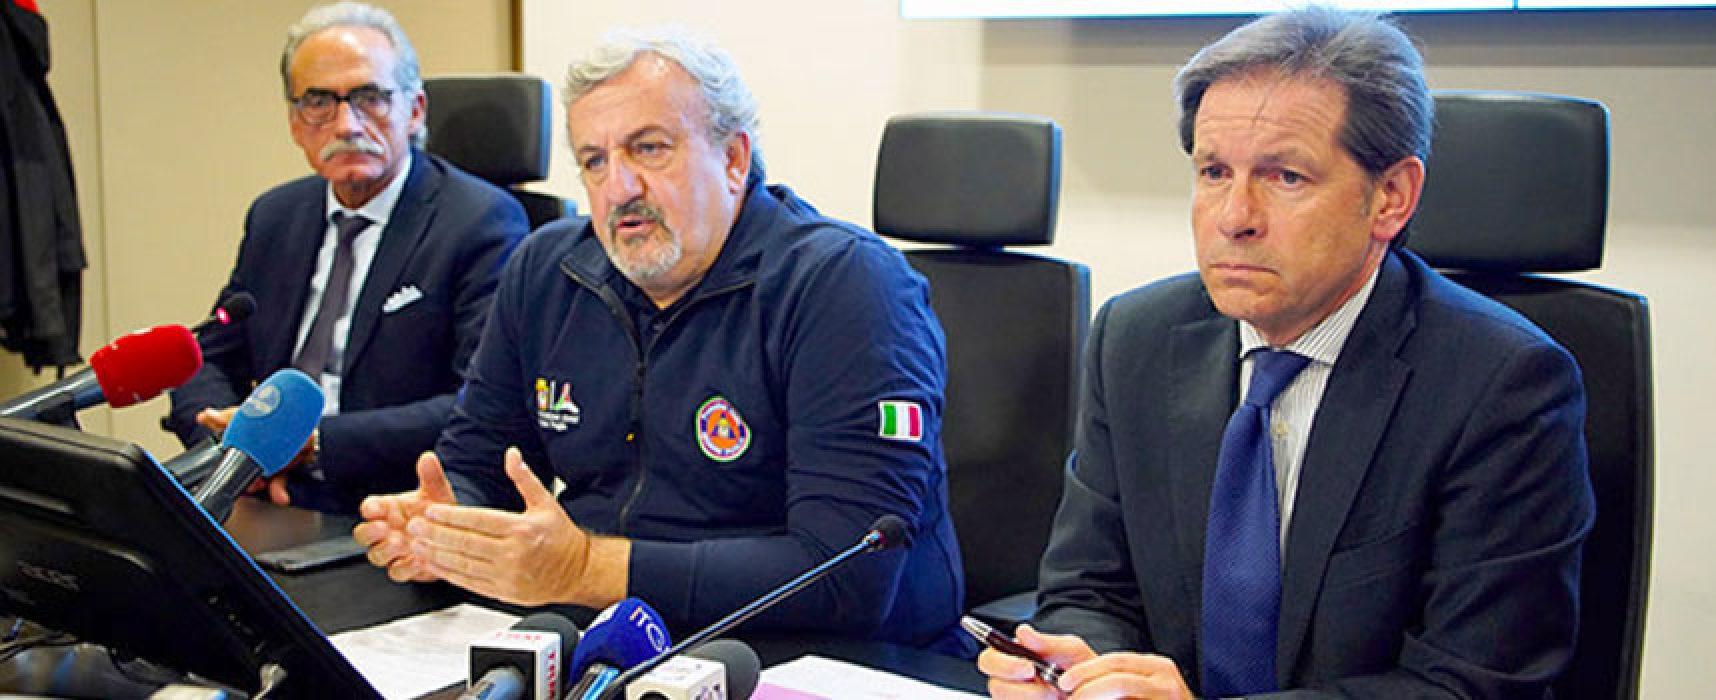 Regione Puglia firma riapertura ingressi strutture per autosufficienti e centri antiviolenza